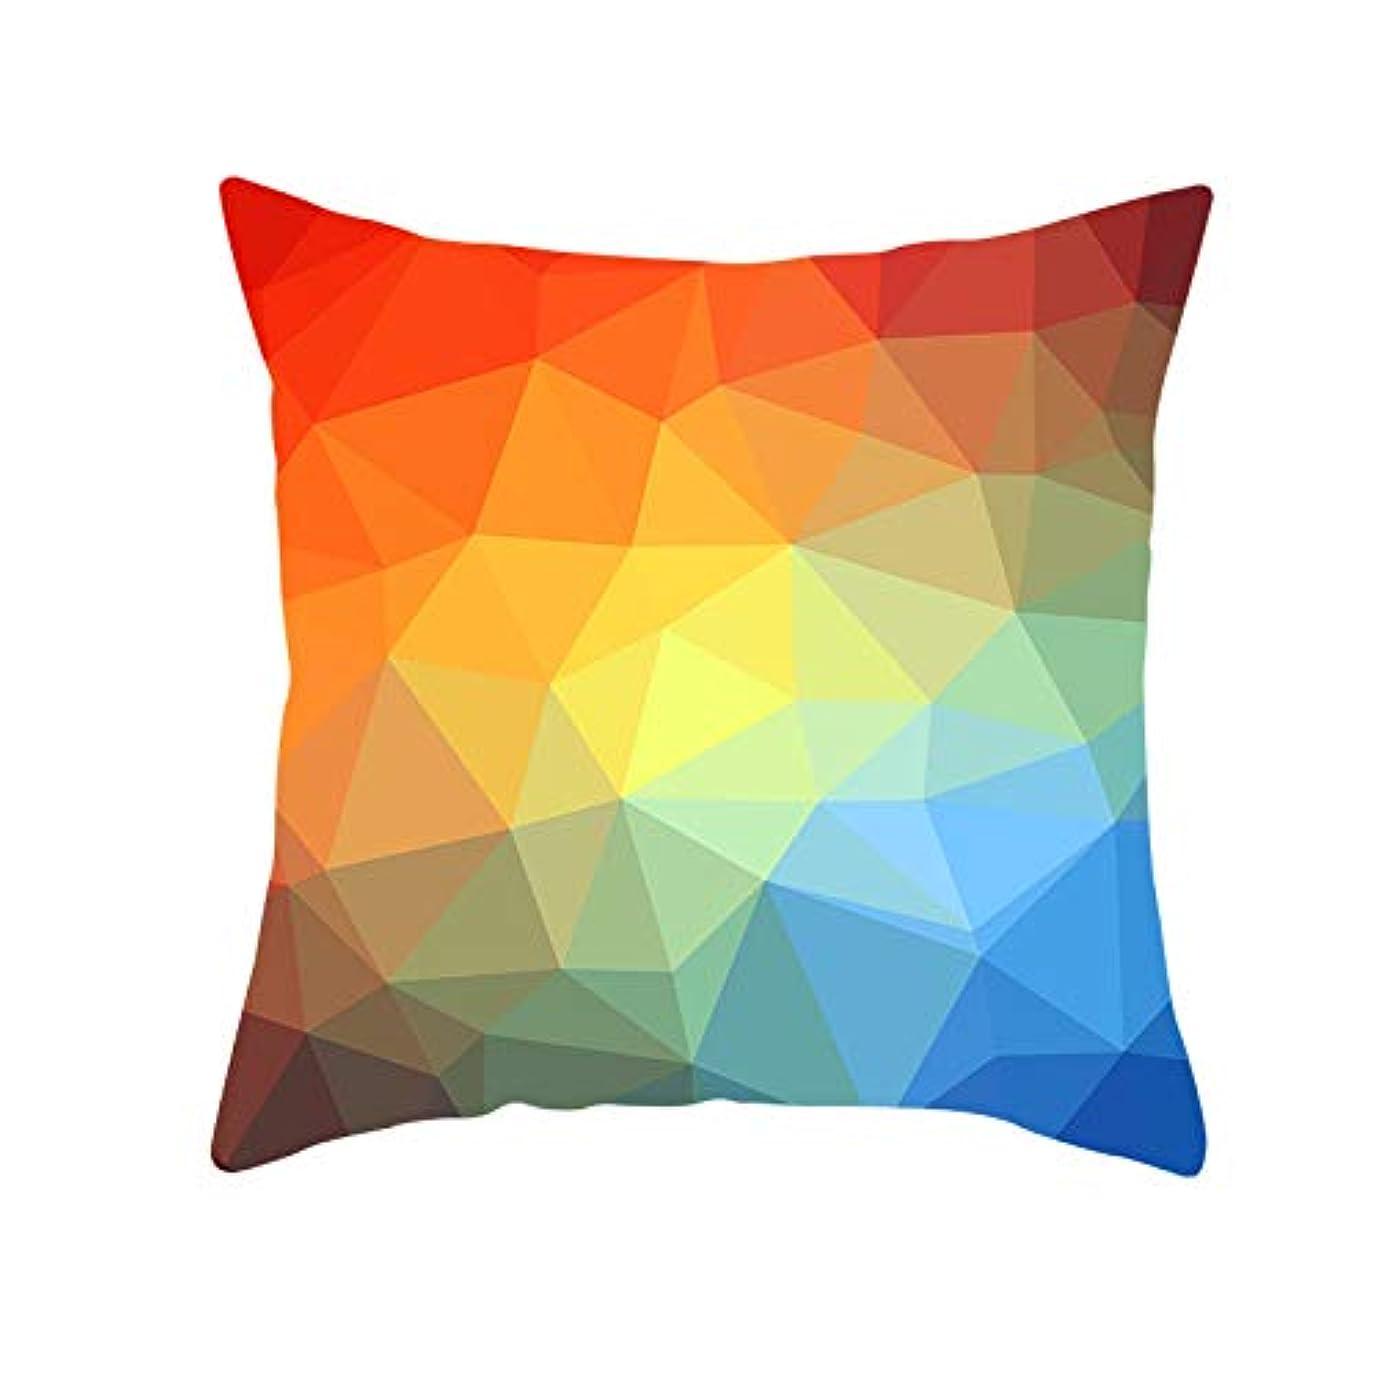 かき混ぜるもつれマニュアルLIFE 装飾クッションソファ 幾何学プリントポリエステル正方形の枕ソファスロークッション家の装飾 coussin デ長椅子 クッション 椅子